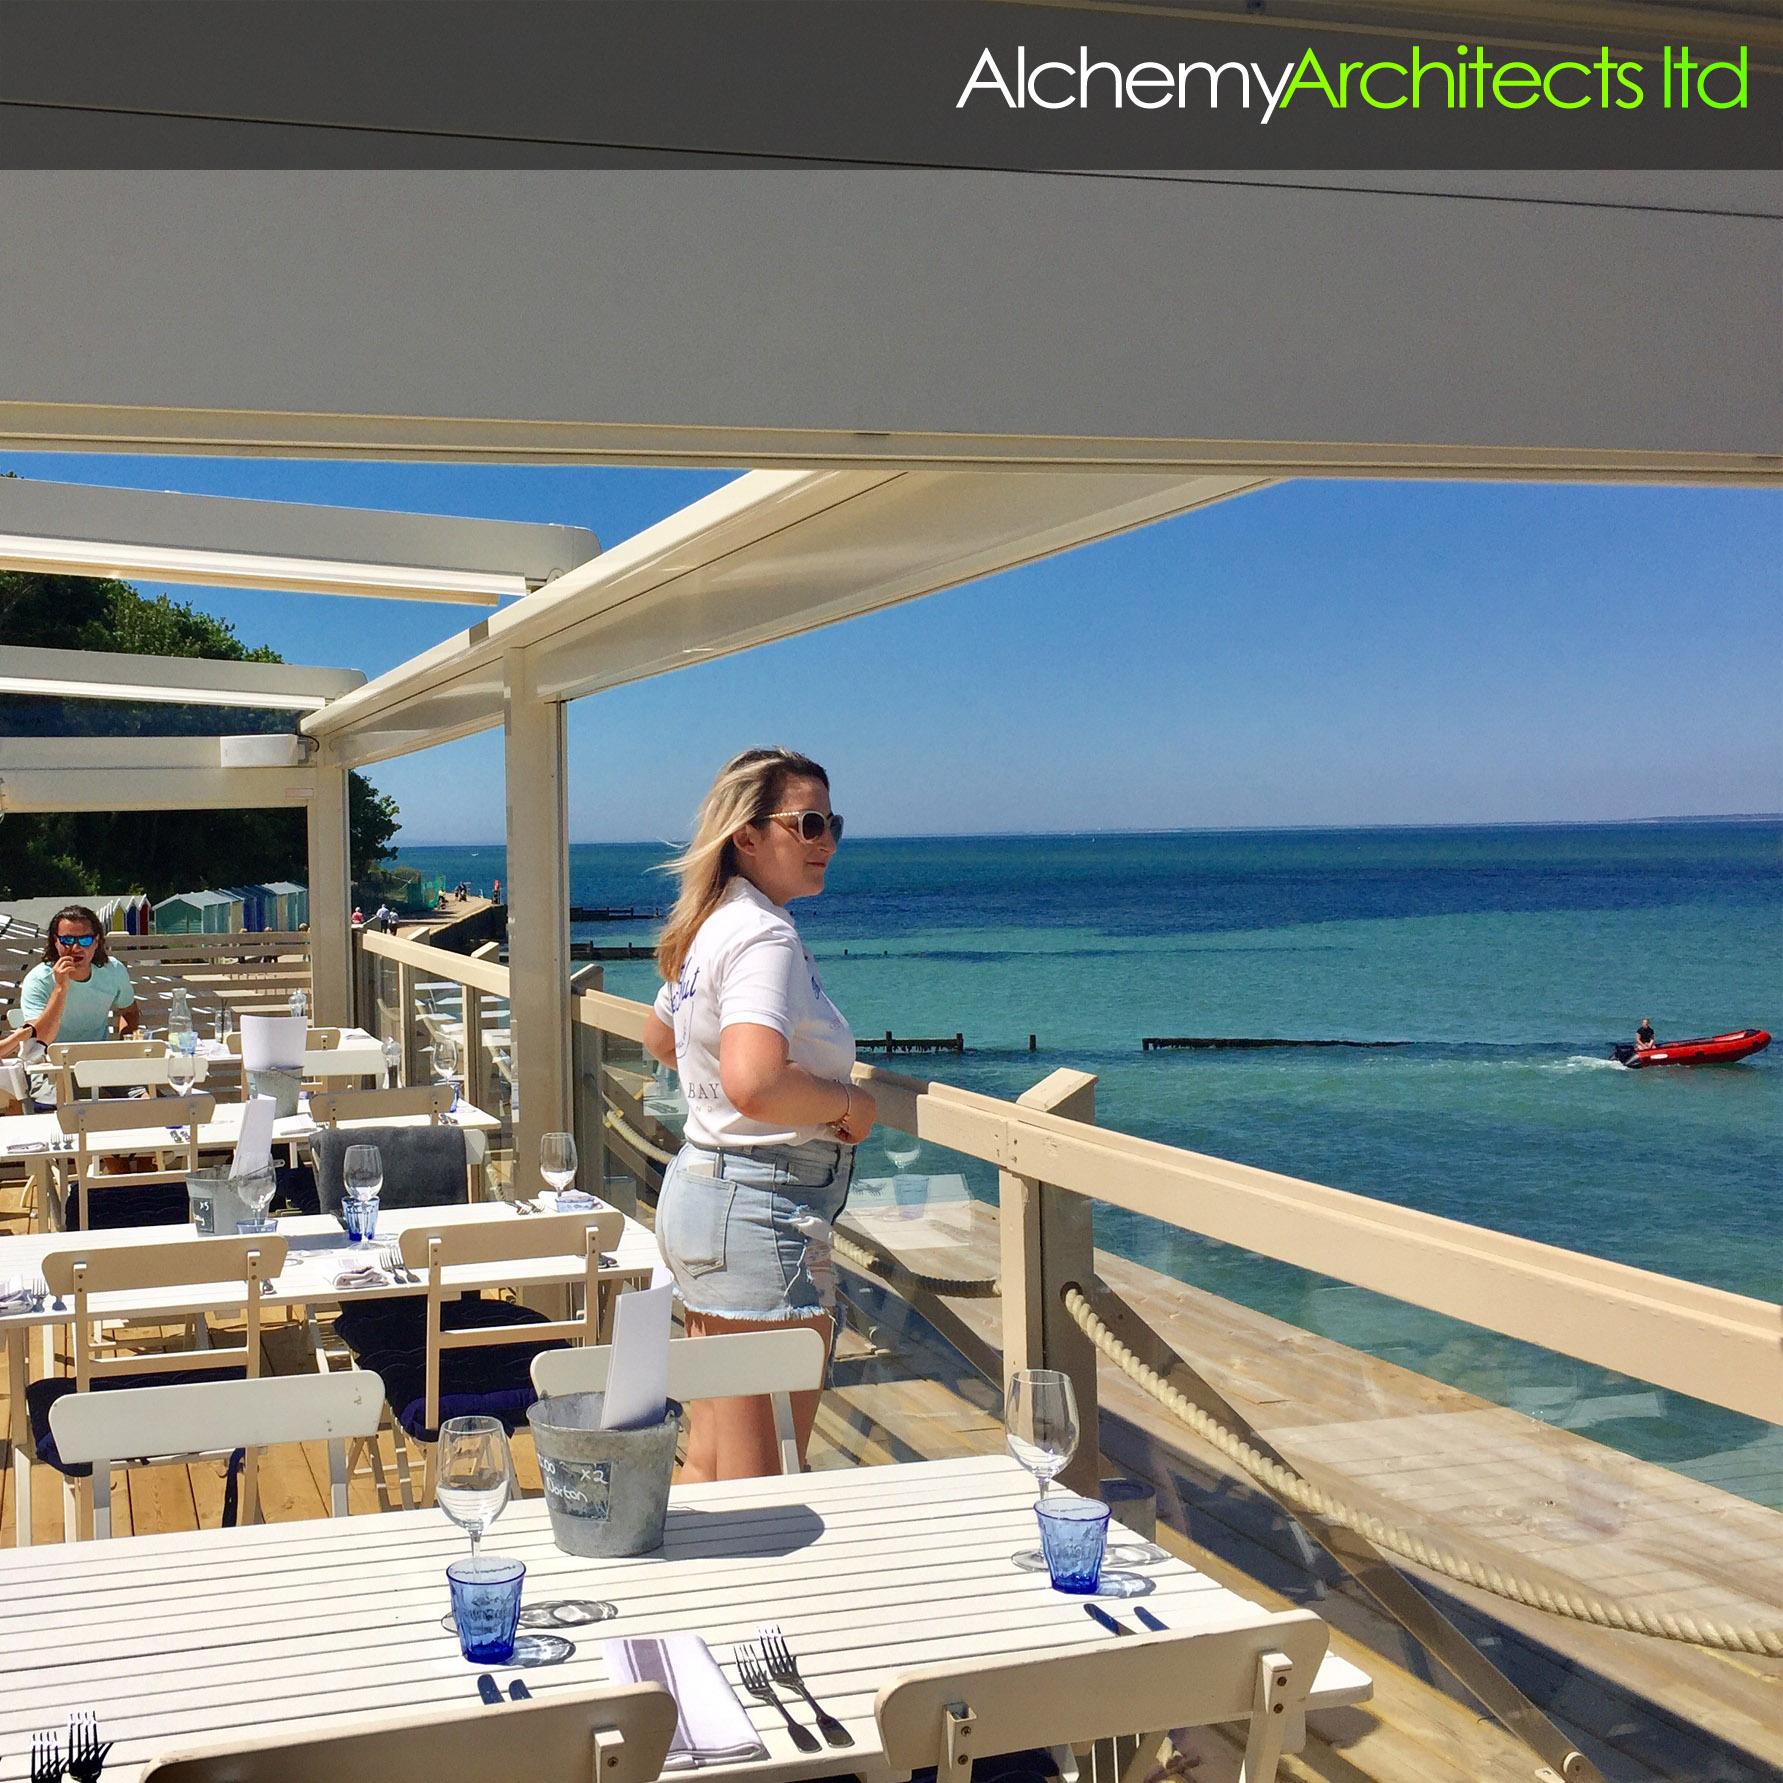 beach restaurant architecture.JPG